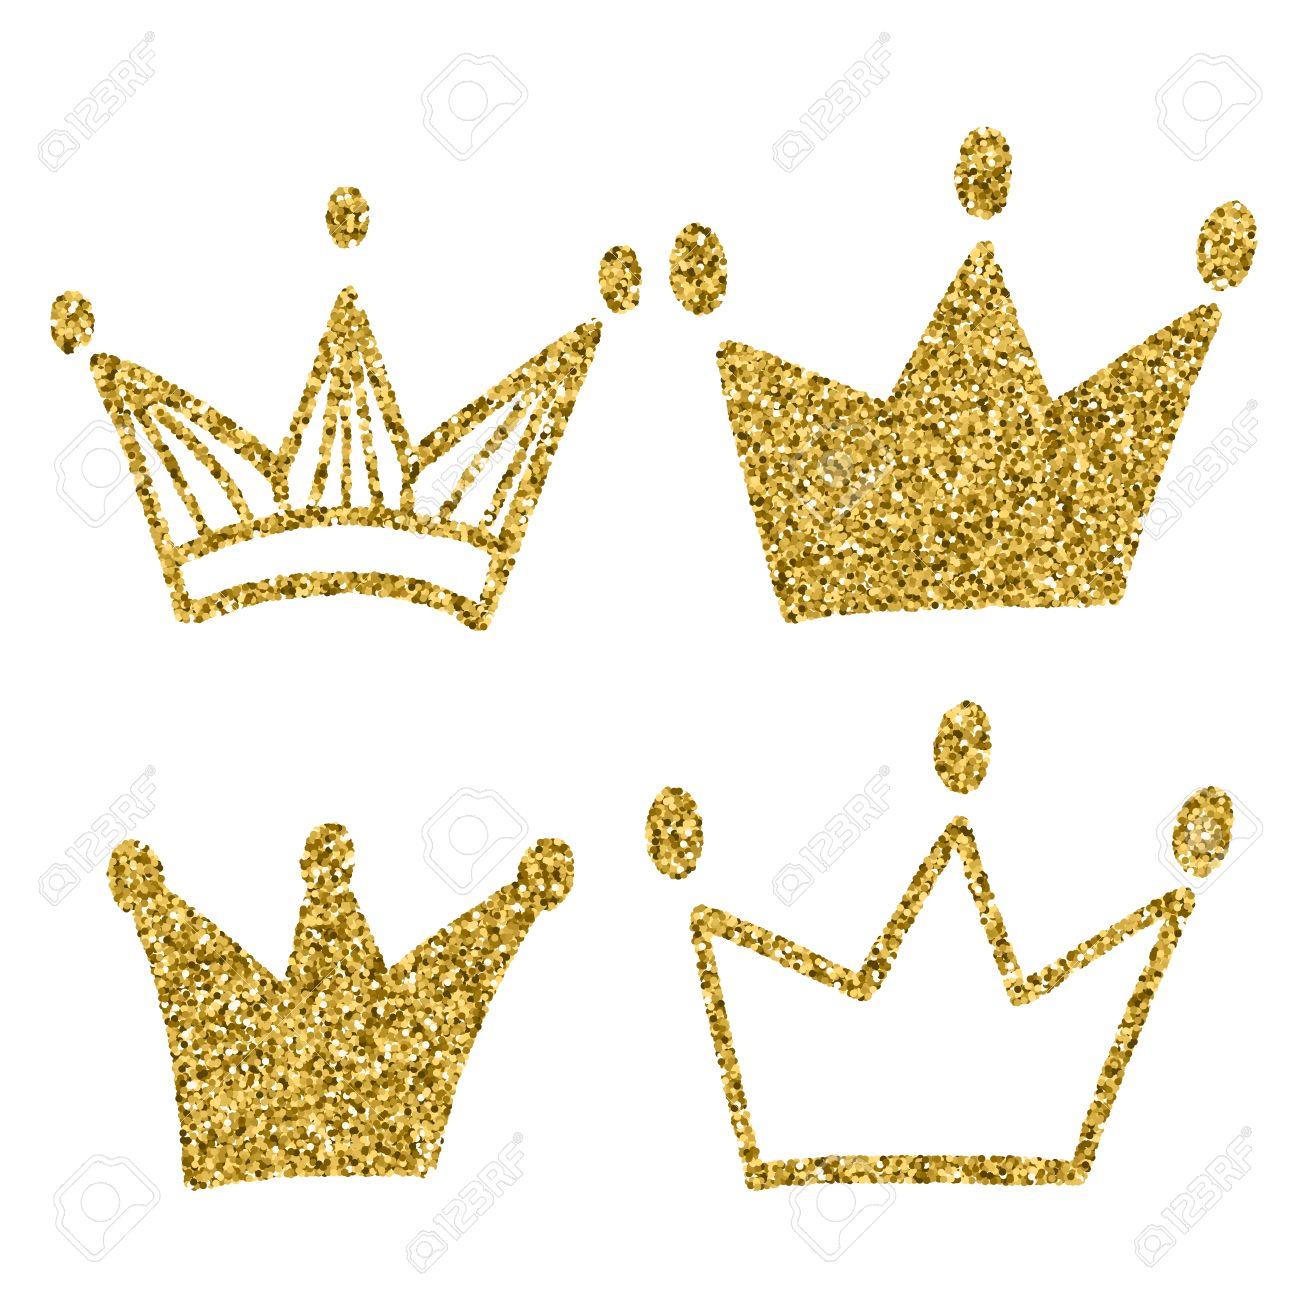 Conjunto Corona De Oro Aislado En El Fondo Blanco Escarcha Conjunto